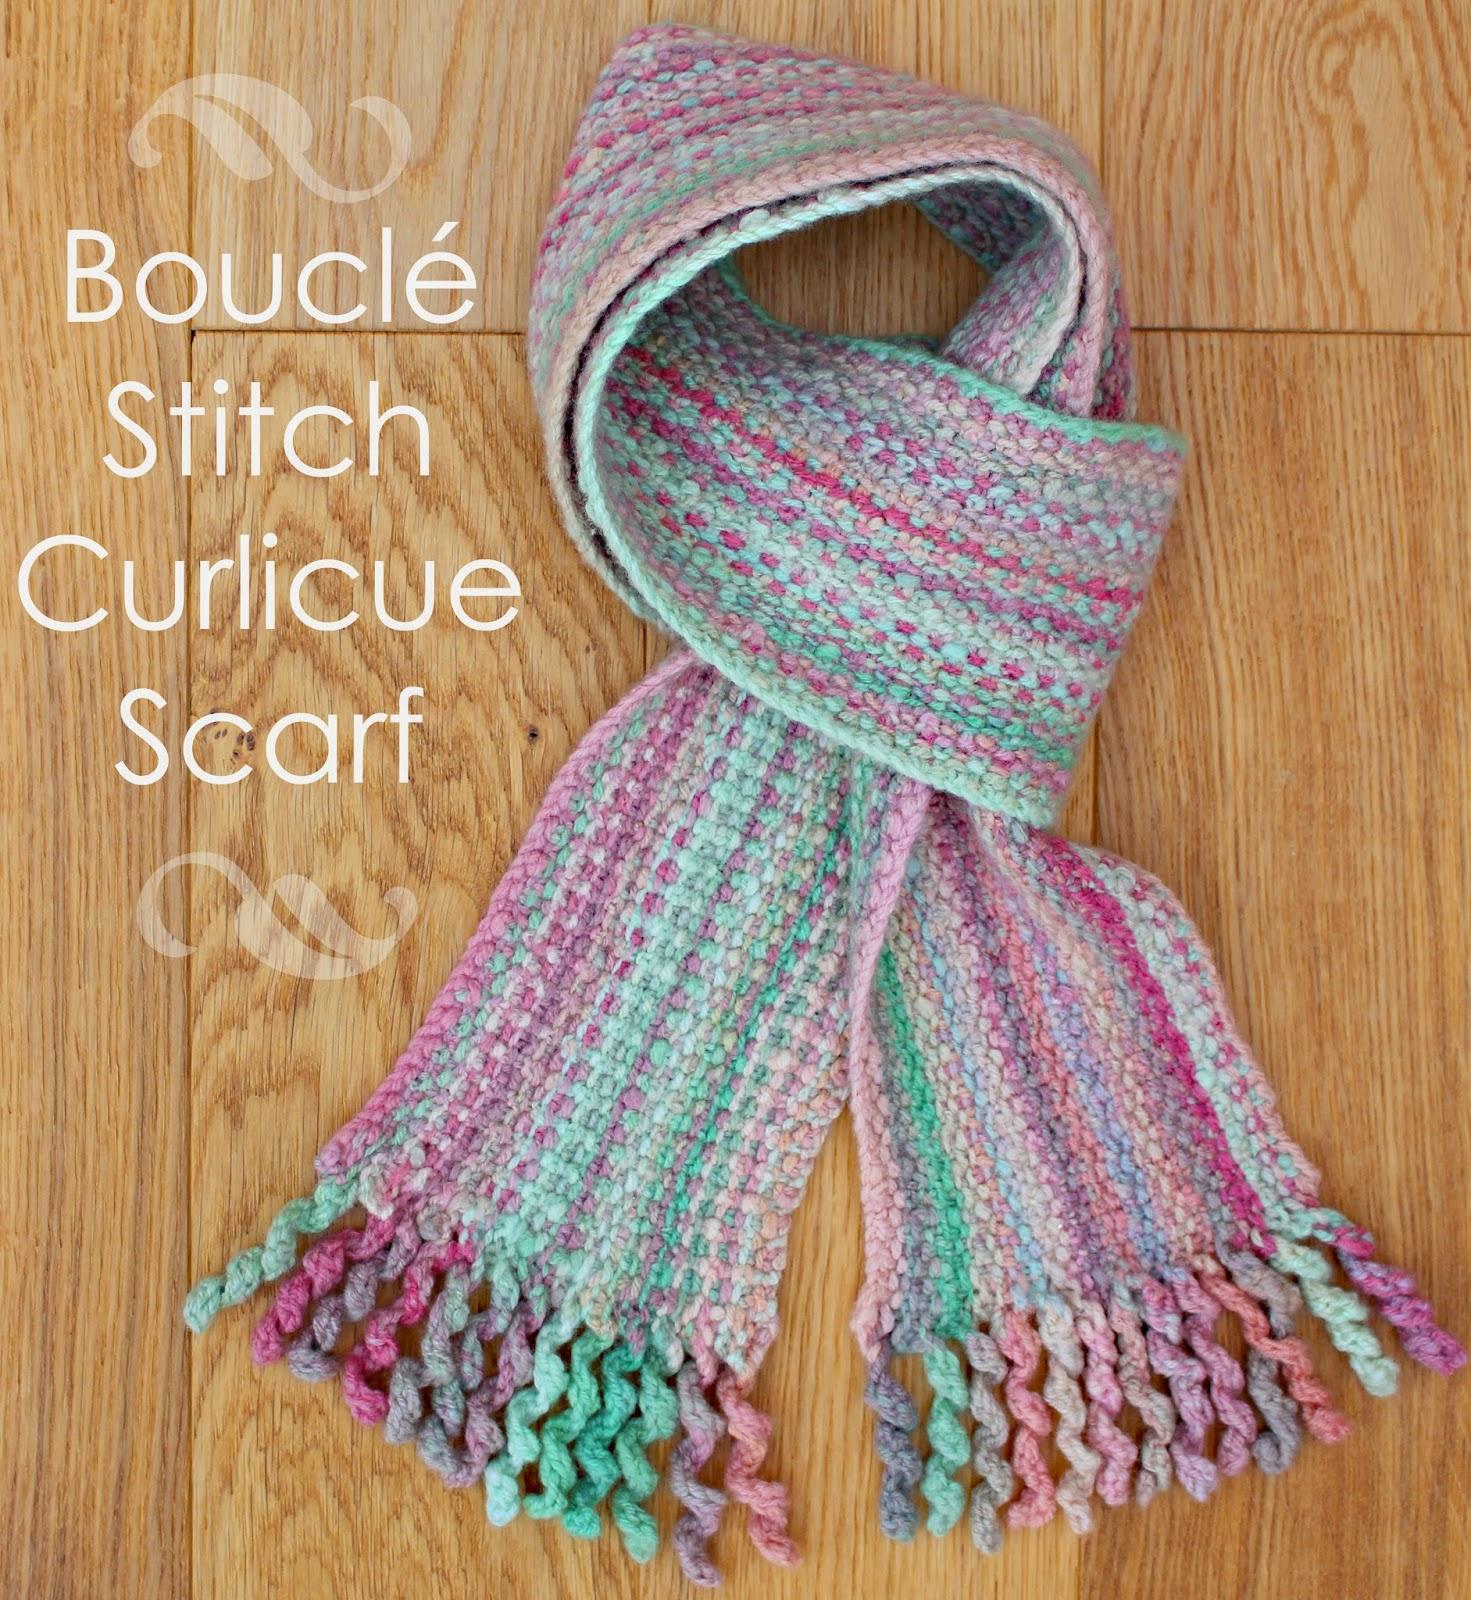 Boucle Knitting Patterns : Boucle Stitch Curlicue Scarf Pattern Craft me Happy!: Boucle Stitch Curlicu...